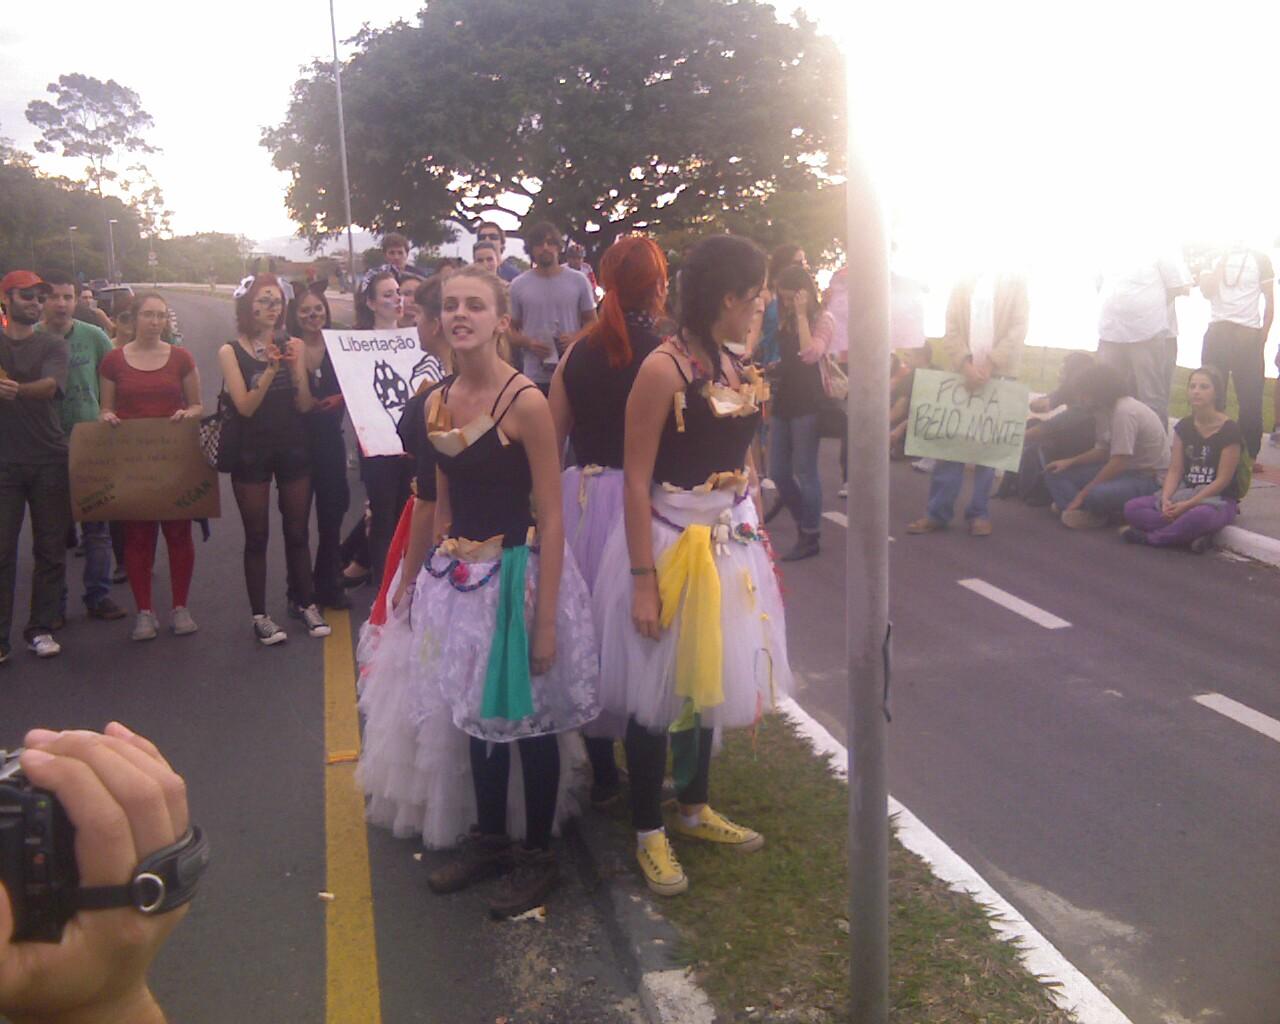 #MarchadaLiberdade em #Floripa #arte